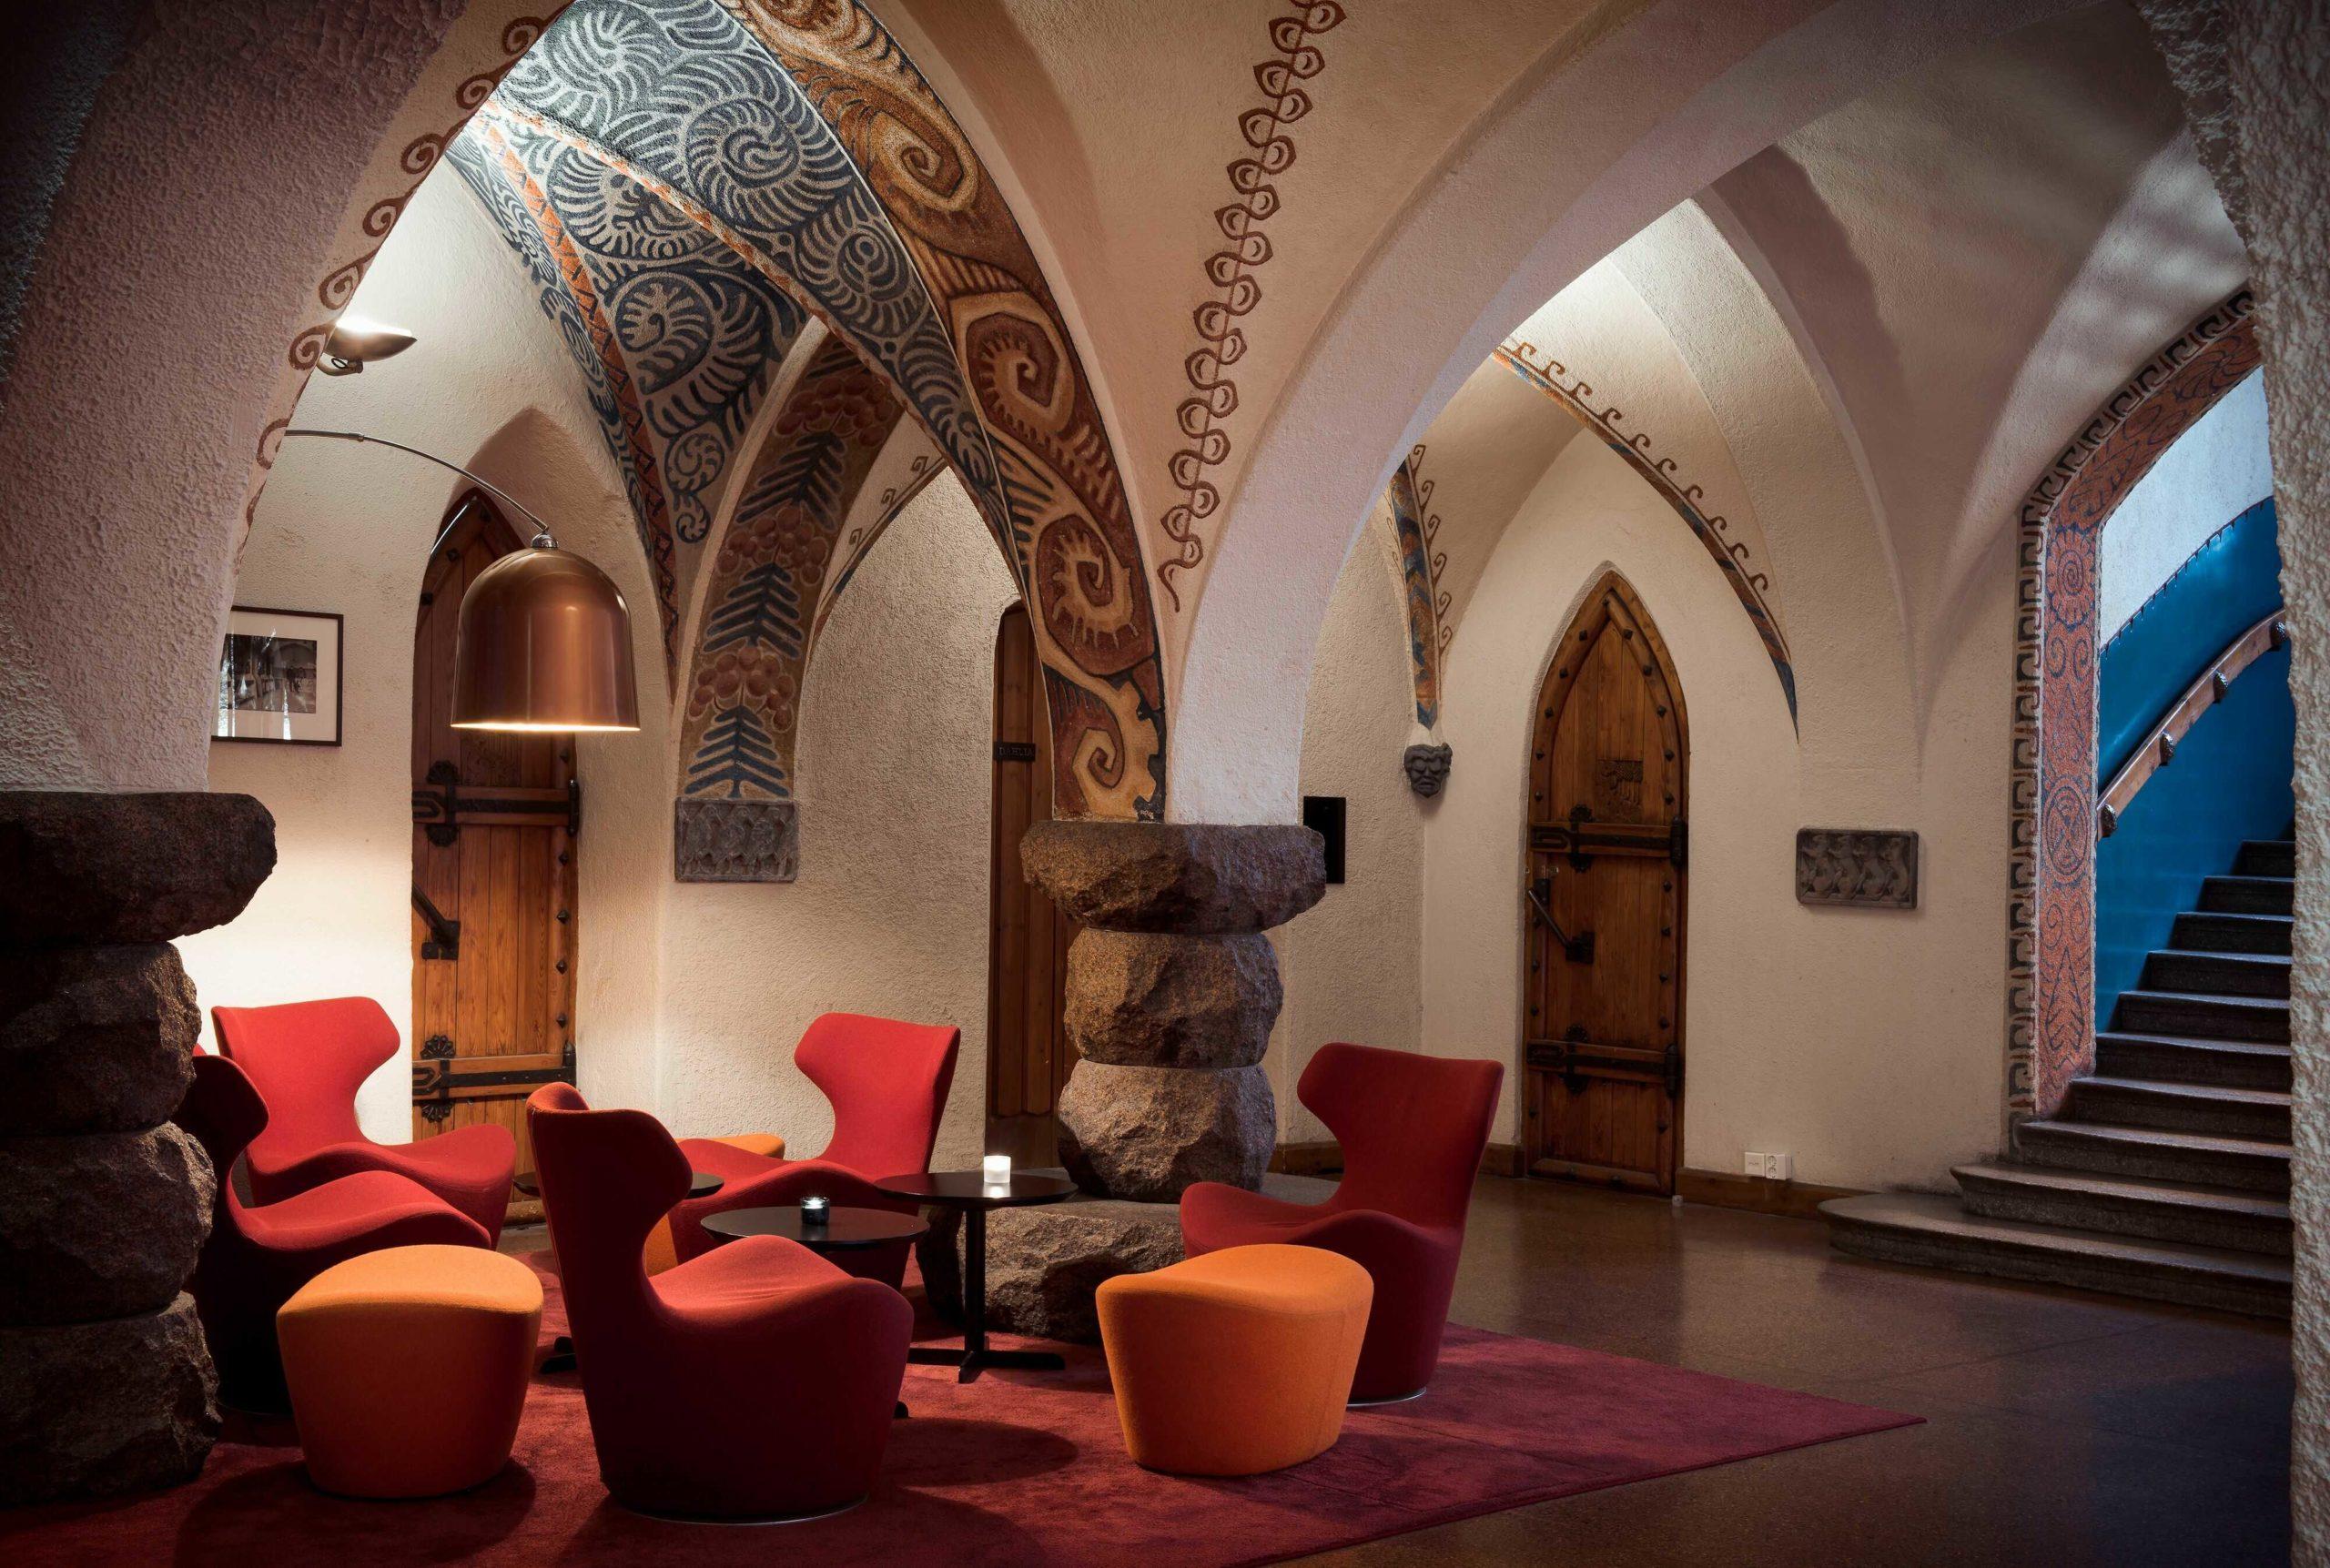 GLO Hotel Artin majesteettinen aula. Kuva: GLO Hotel Art.